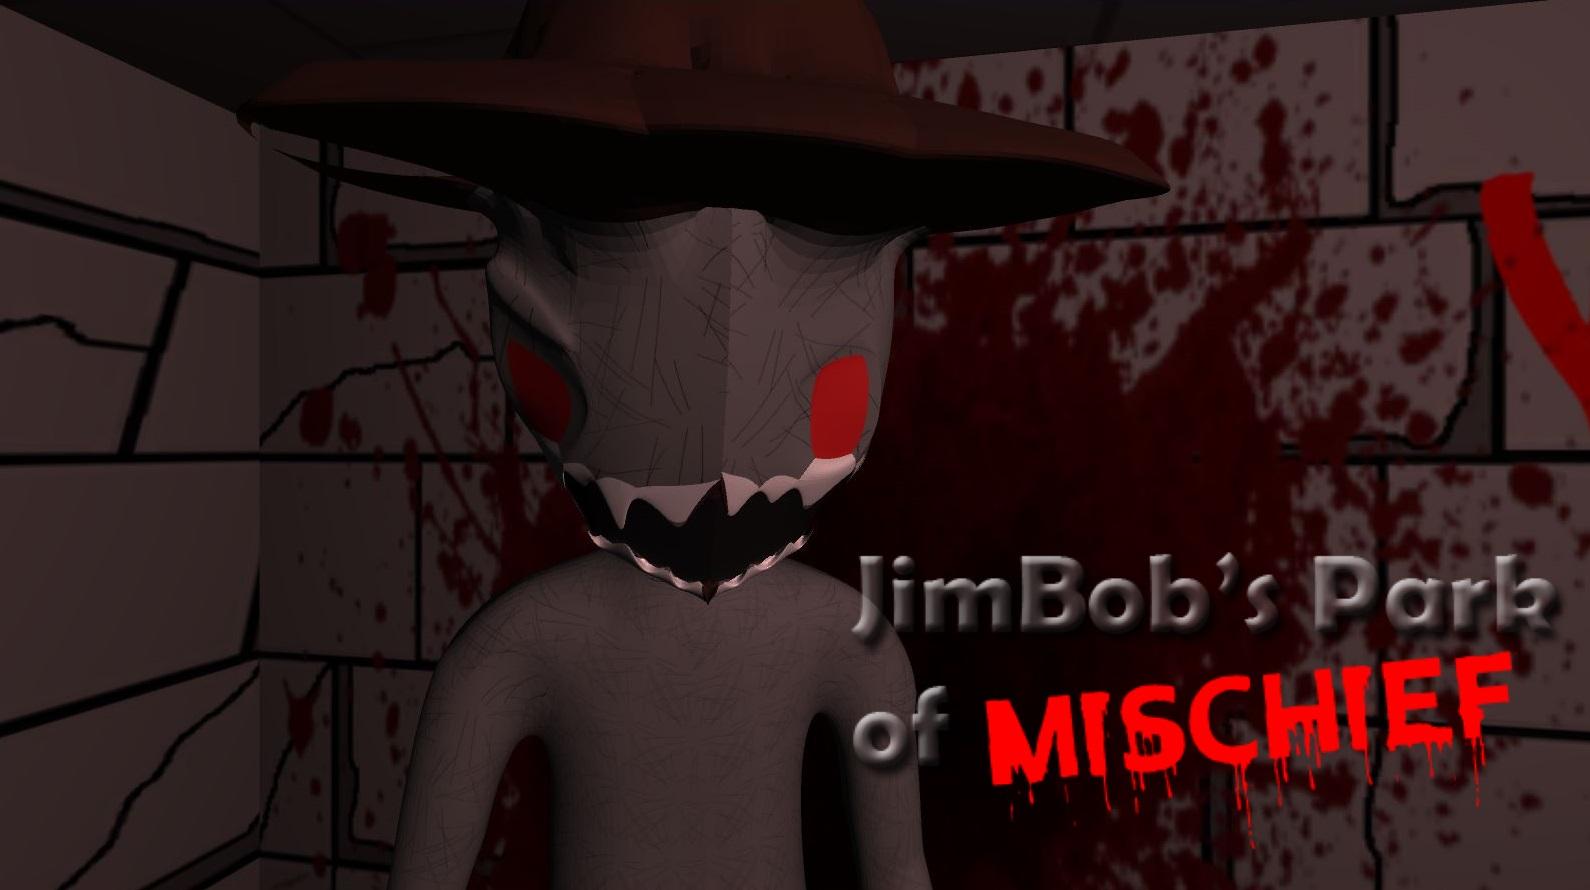 JimBob's Park of Mischief